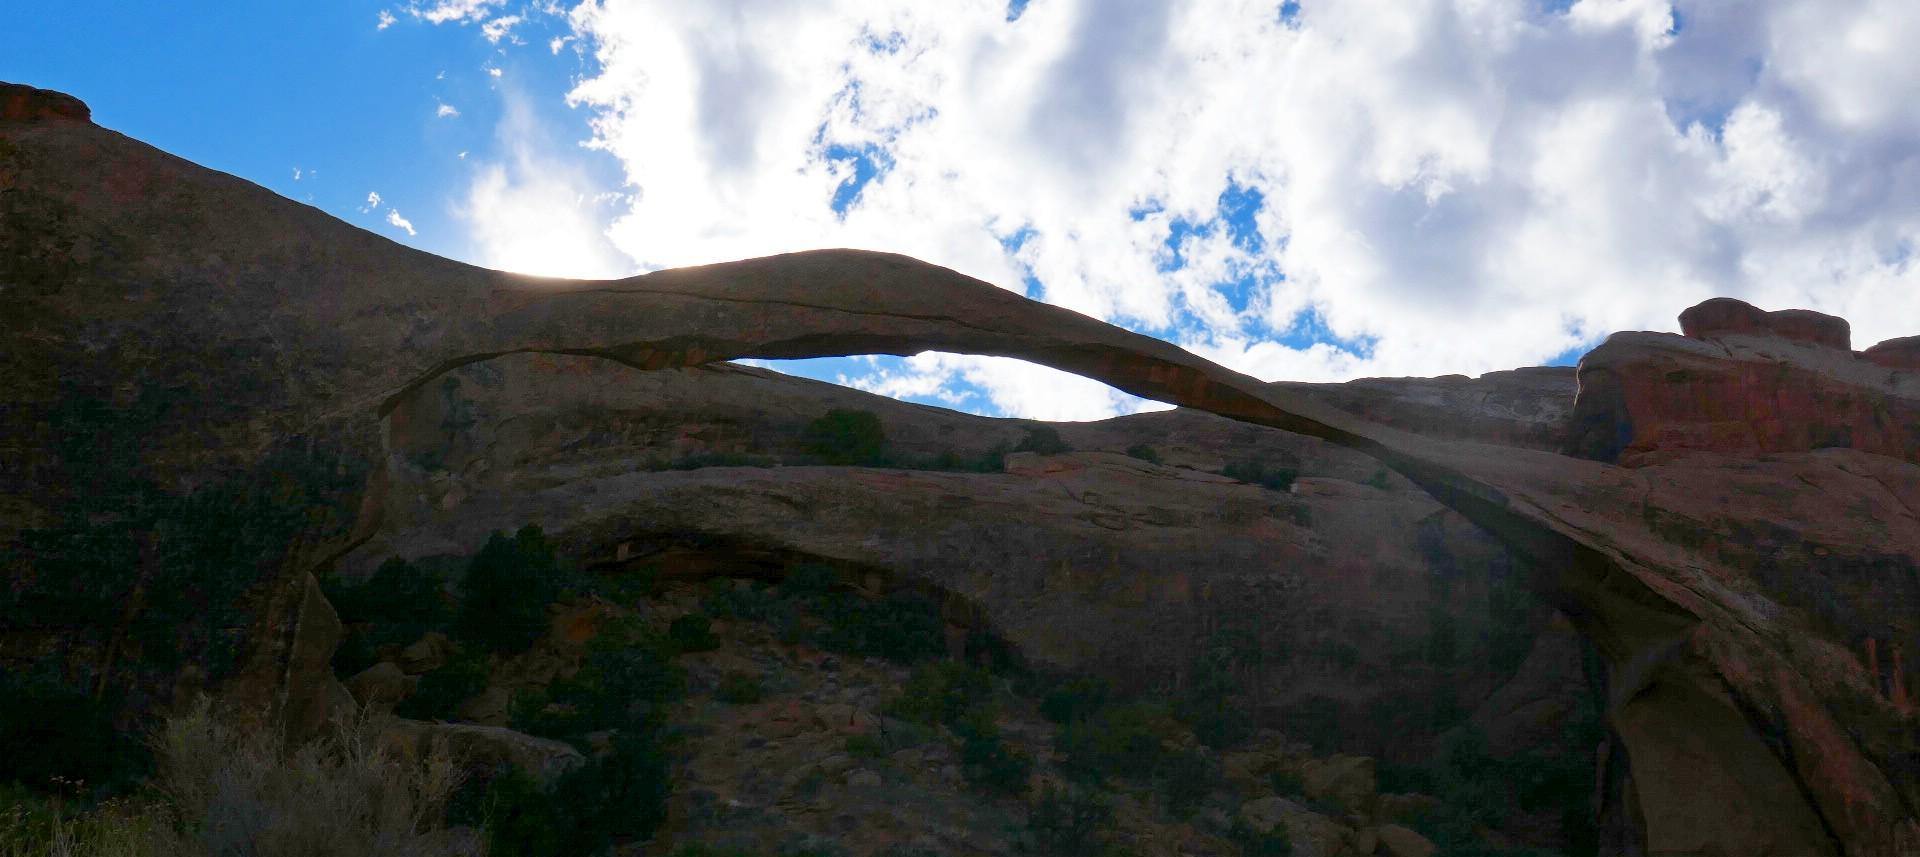 Arche landscape de 350 pieds de long